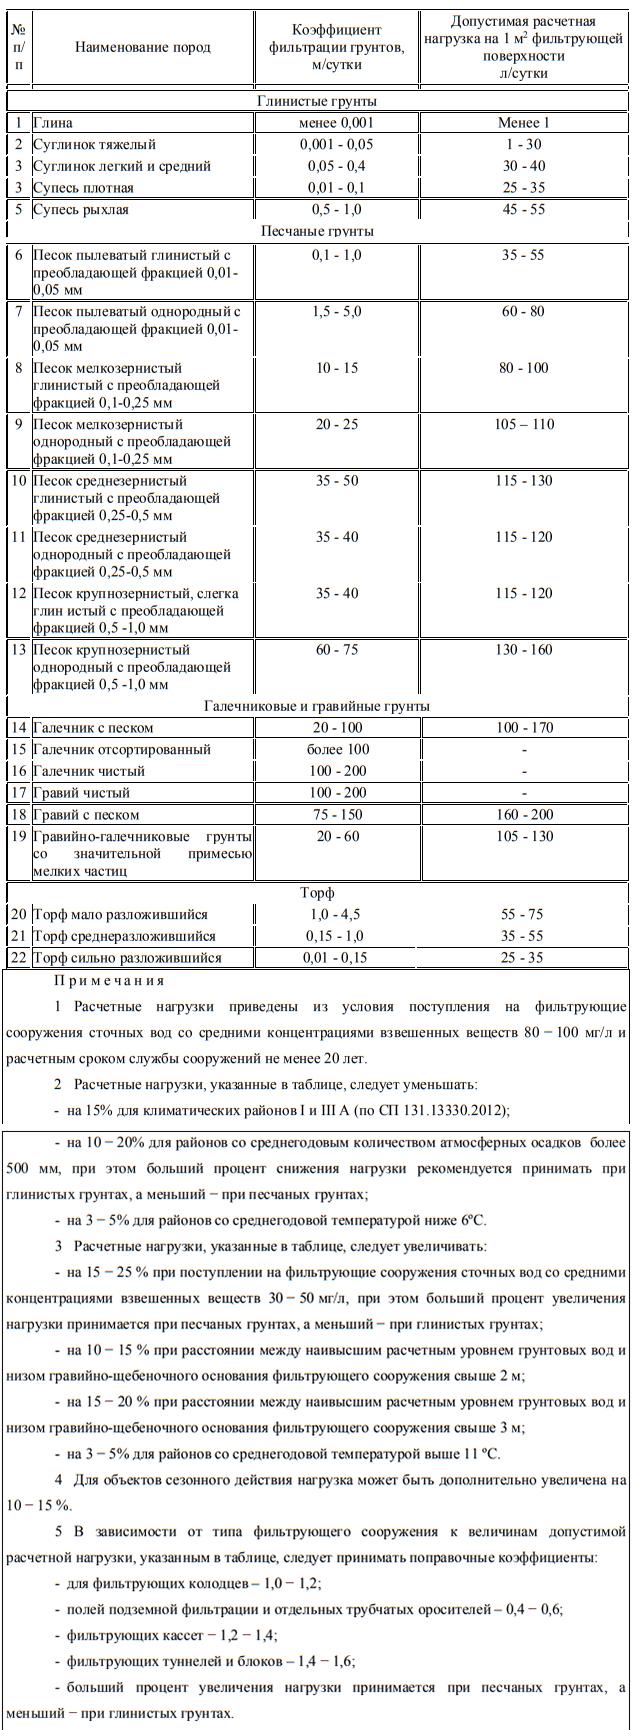 Таблица с коэффициентами фильтрации грунтов